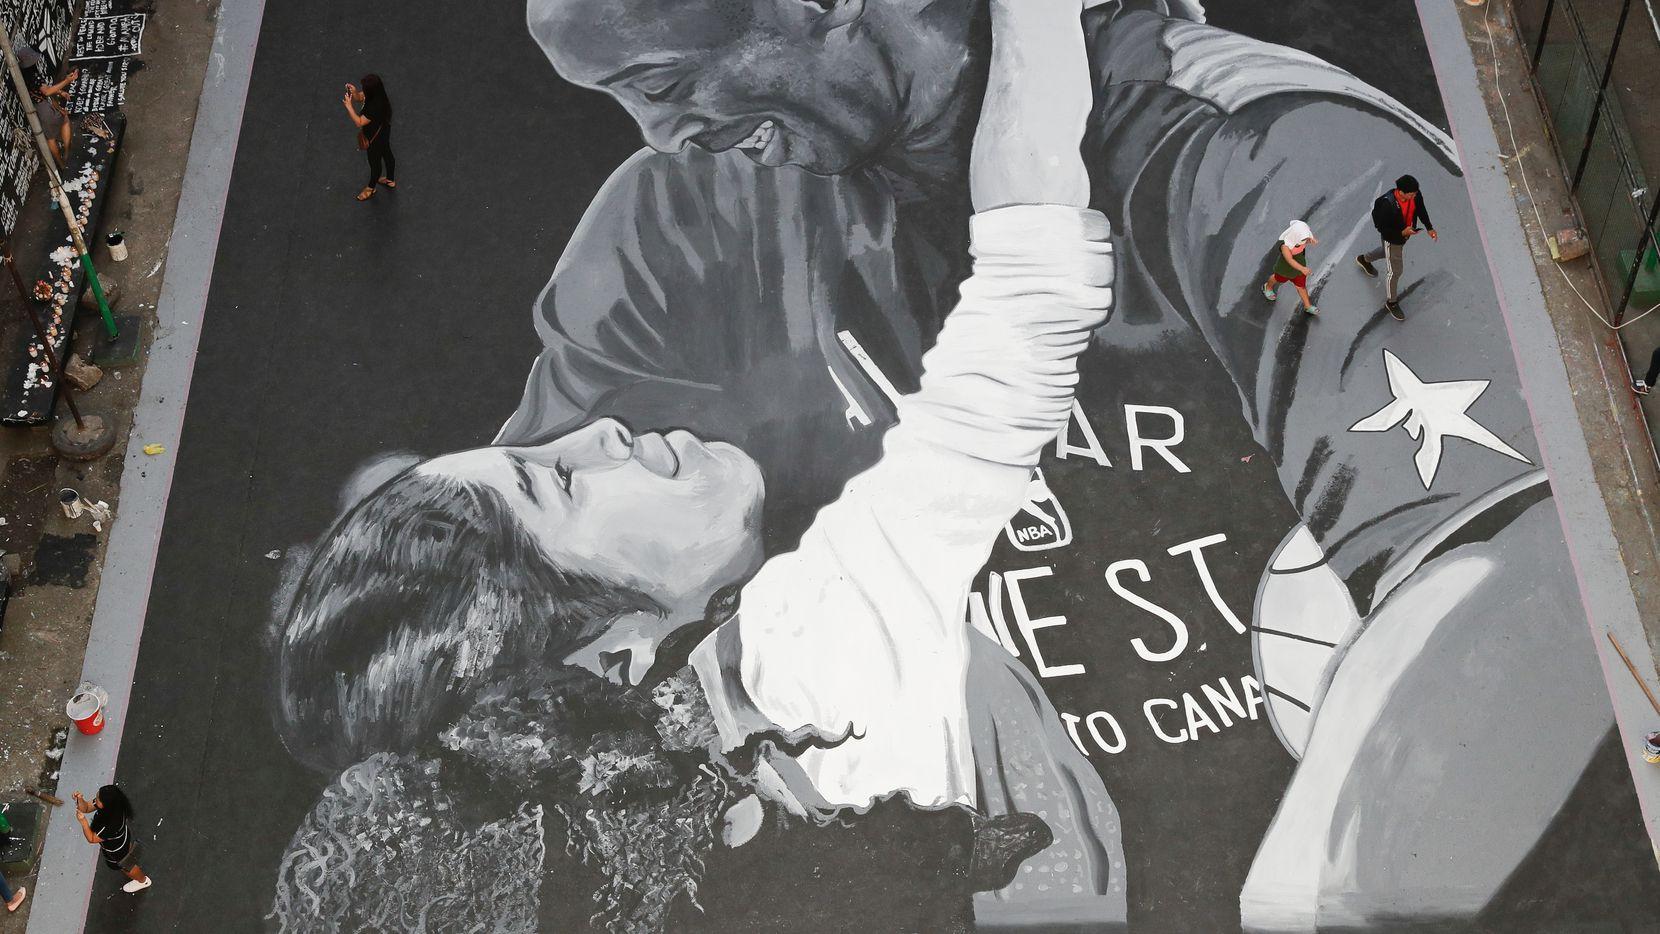 Un dibujo de Kobe Bryant y su hija Gianna fue realizado en una cancha urbana de basquetbol en una calle de Manila, Filipinas.